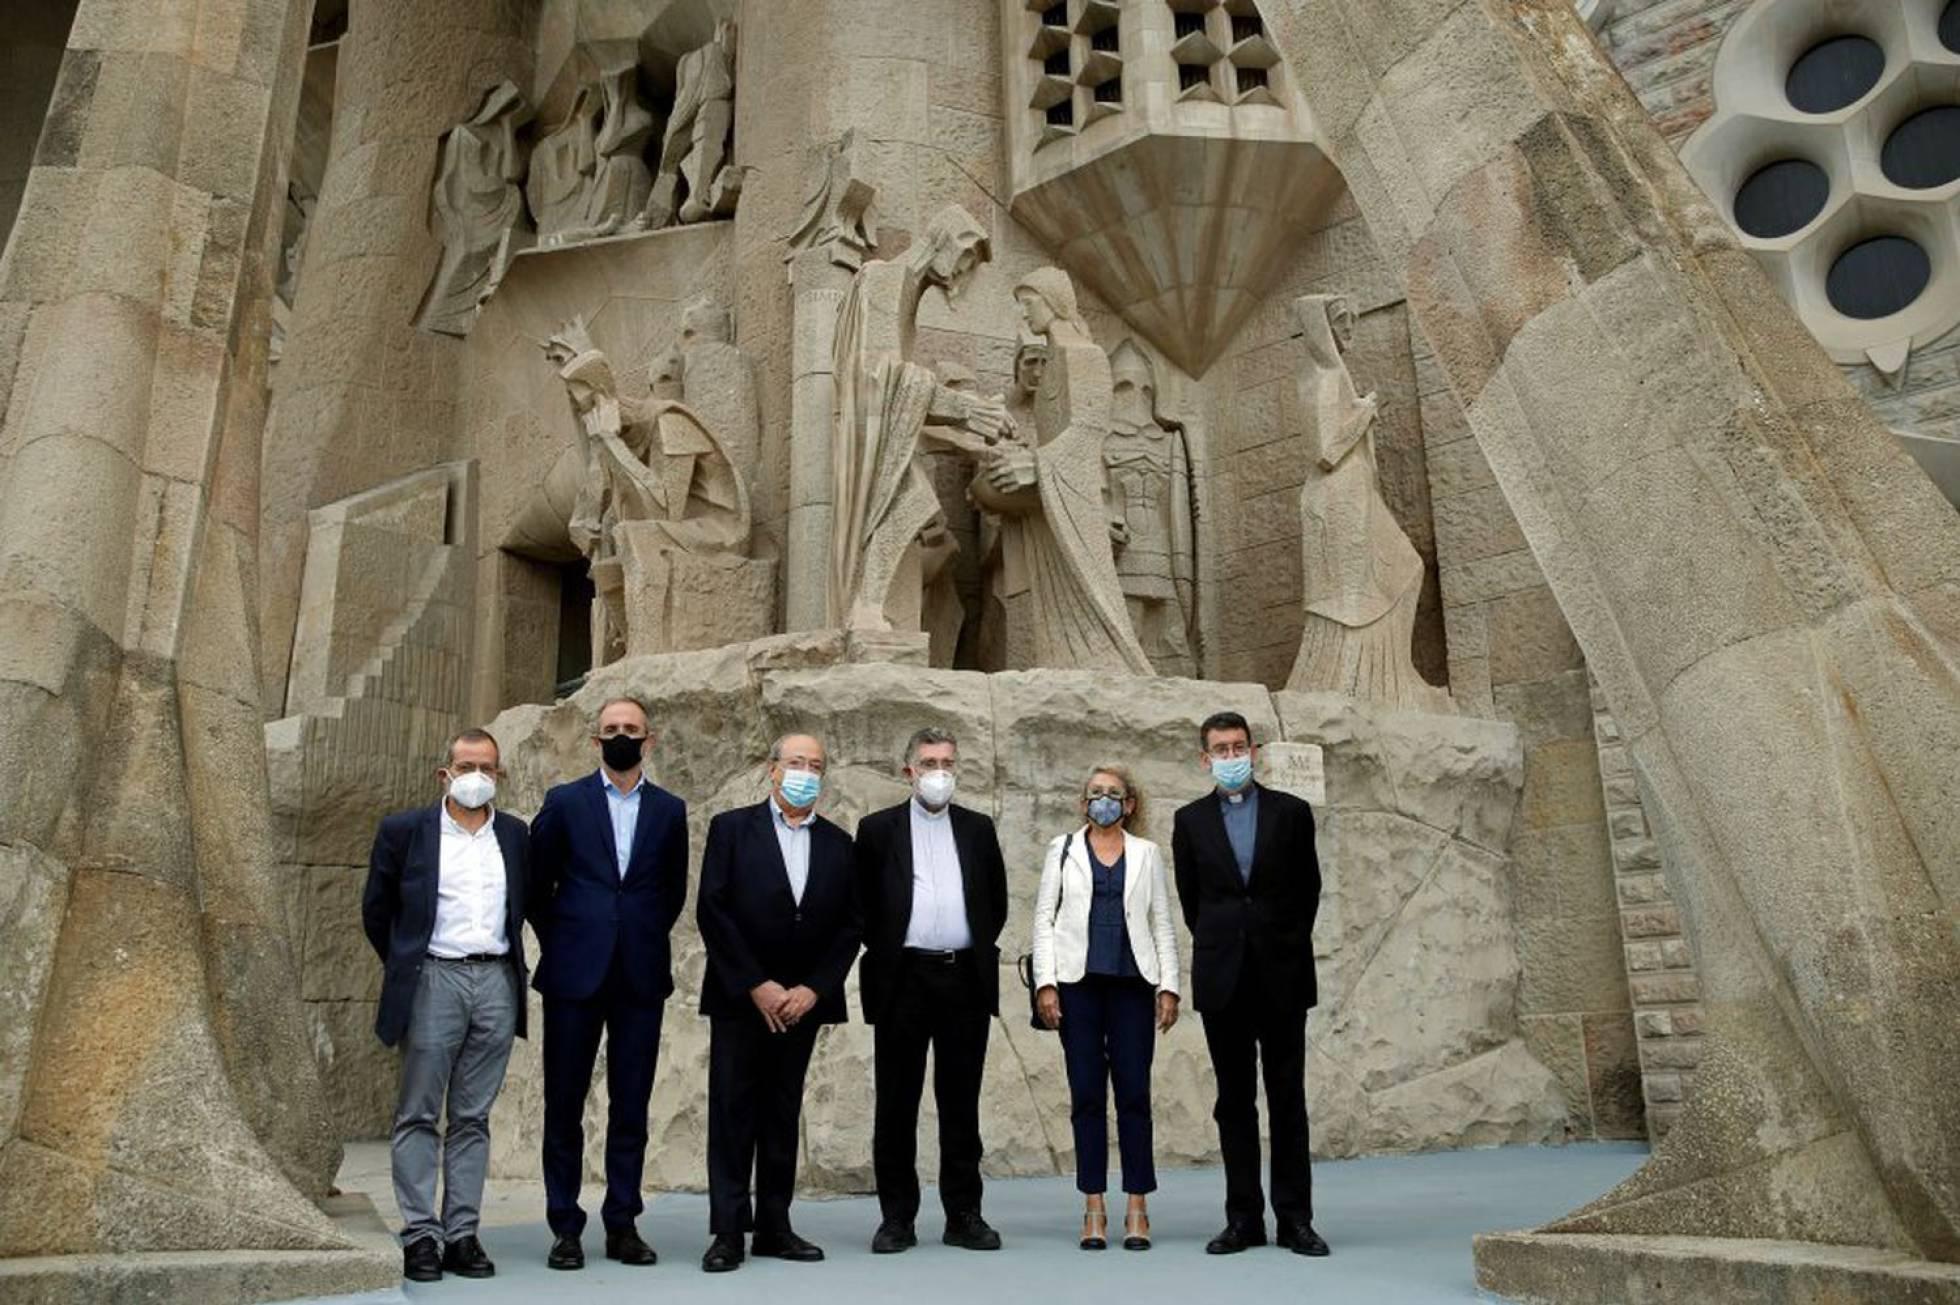 В соборе Святого Семейства в Барселоне откроется центр изучения творчества Антонио Гауди